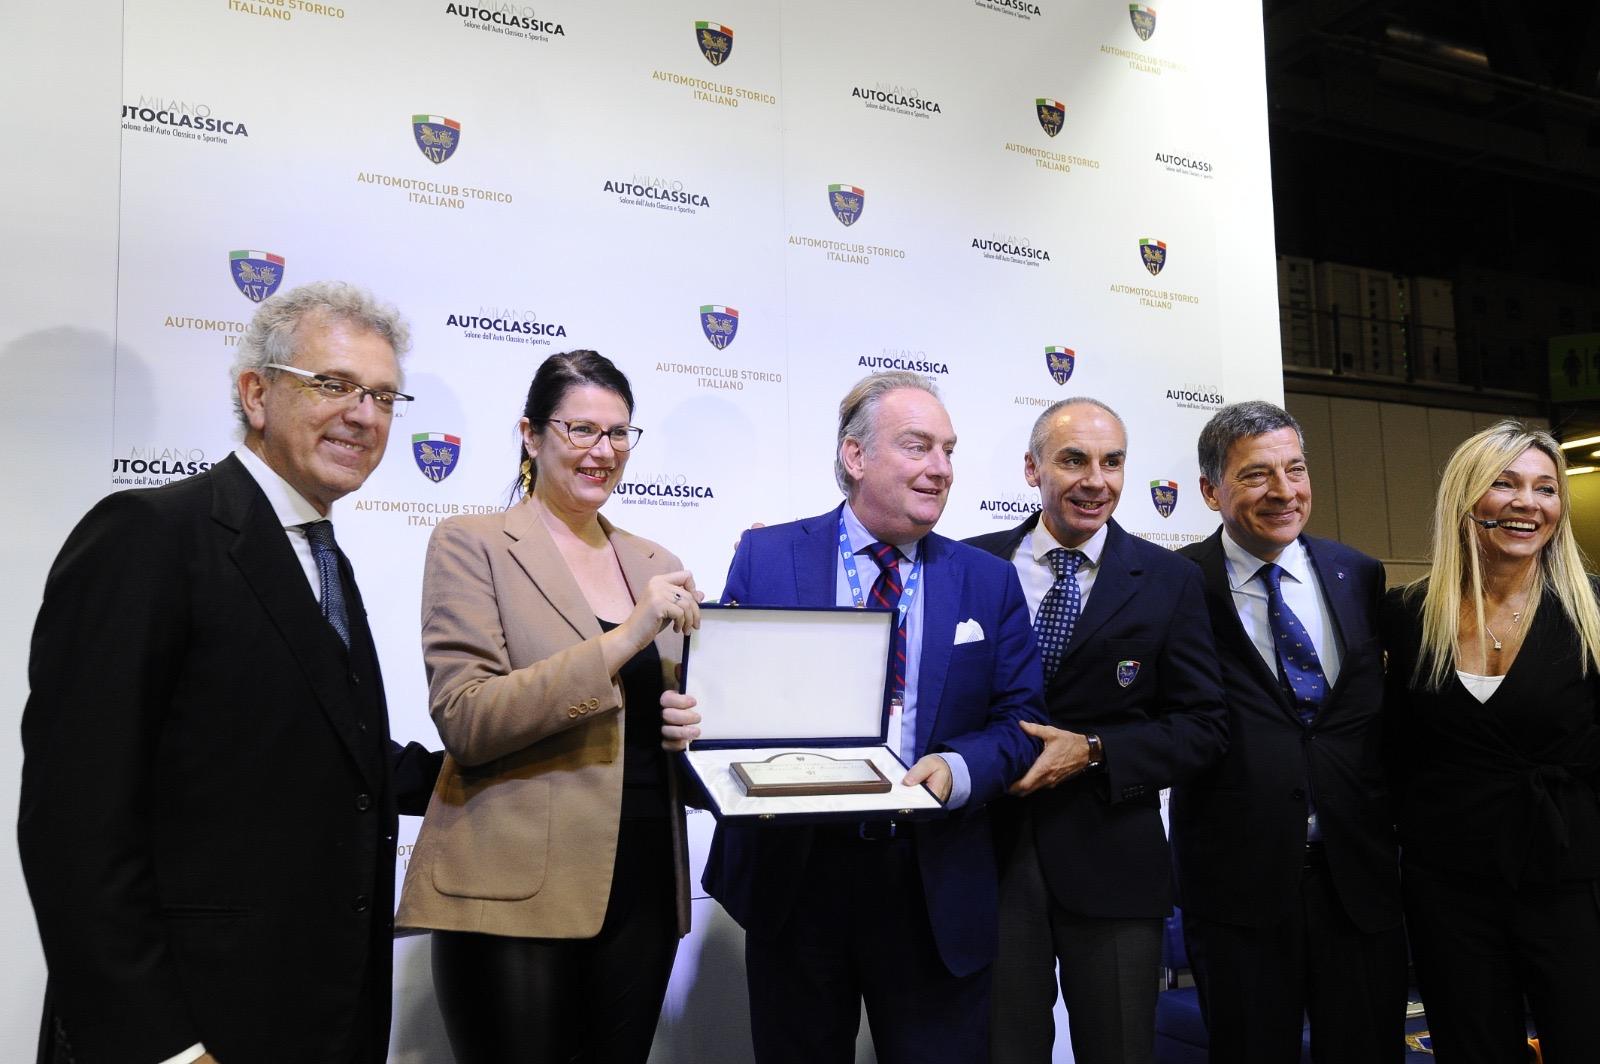 Il Circuito di Avezzano premiato tra le migliori manifestazioni turistiche d'Italia per Auto d'Epoca